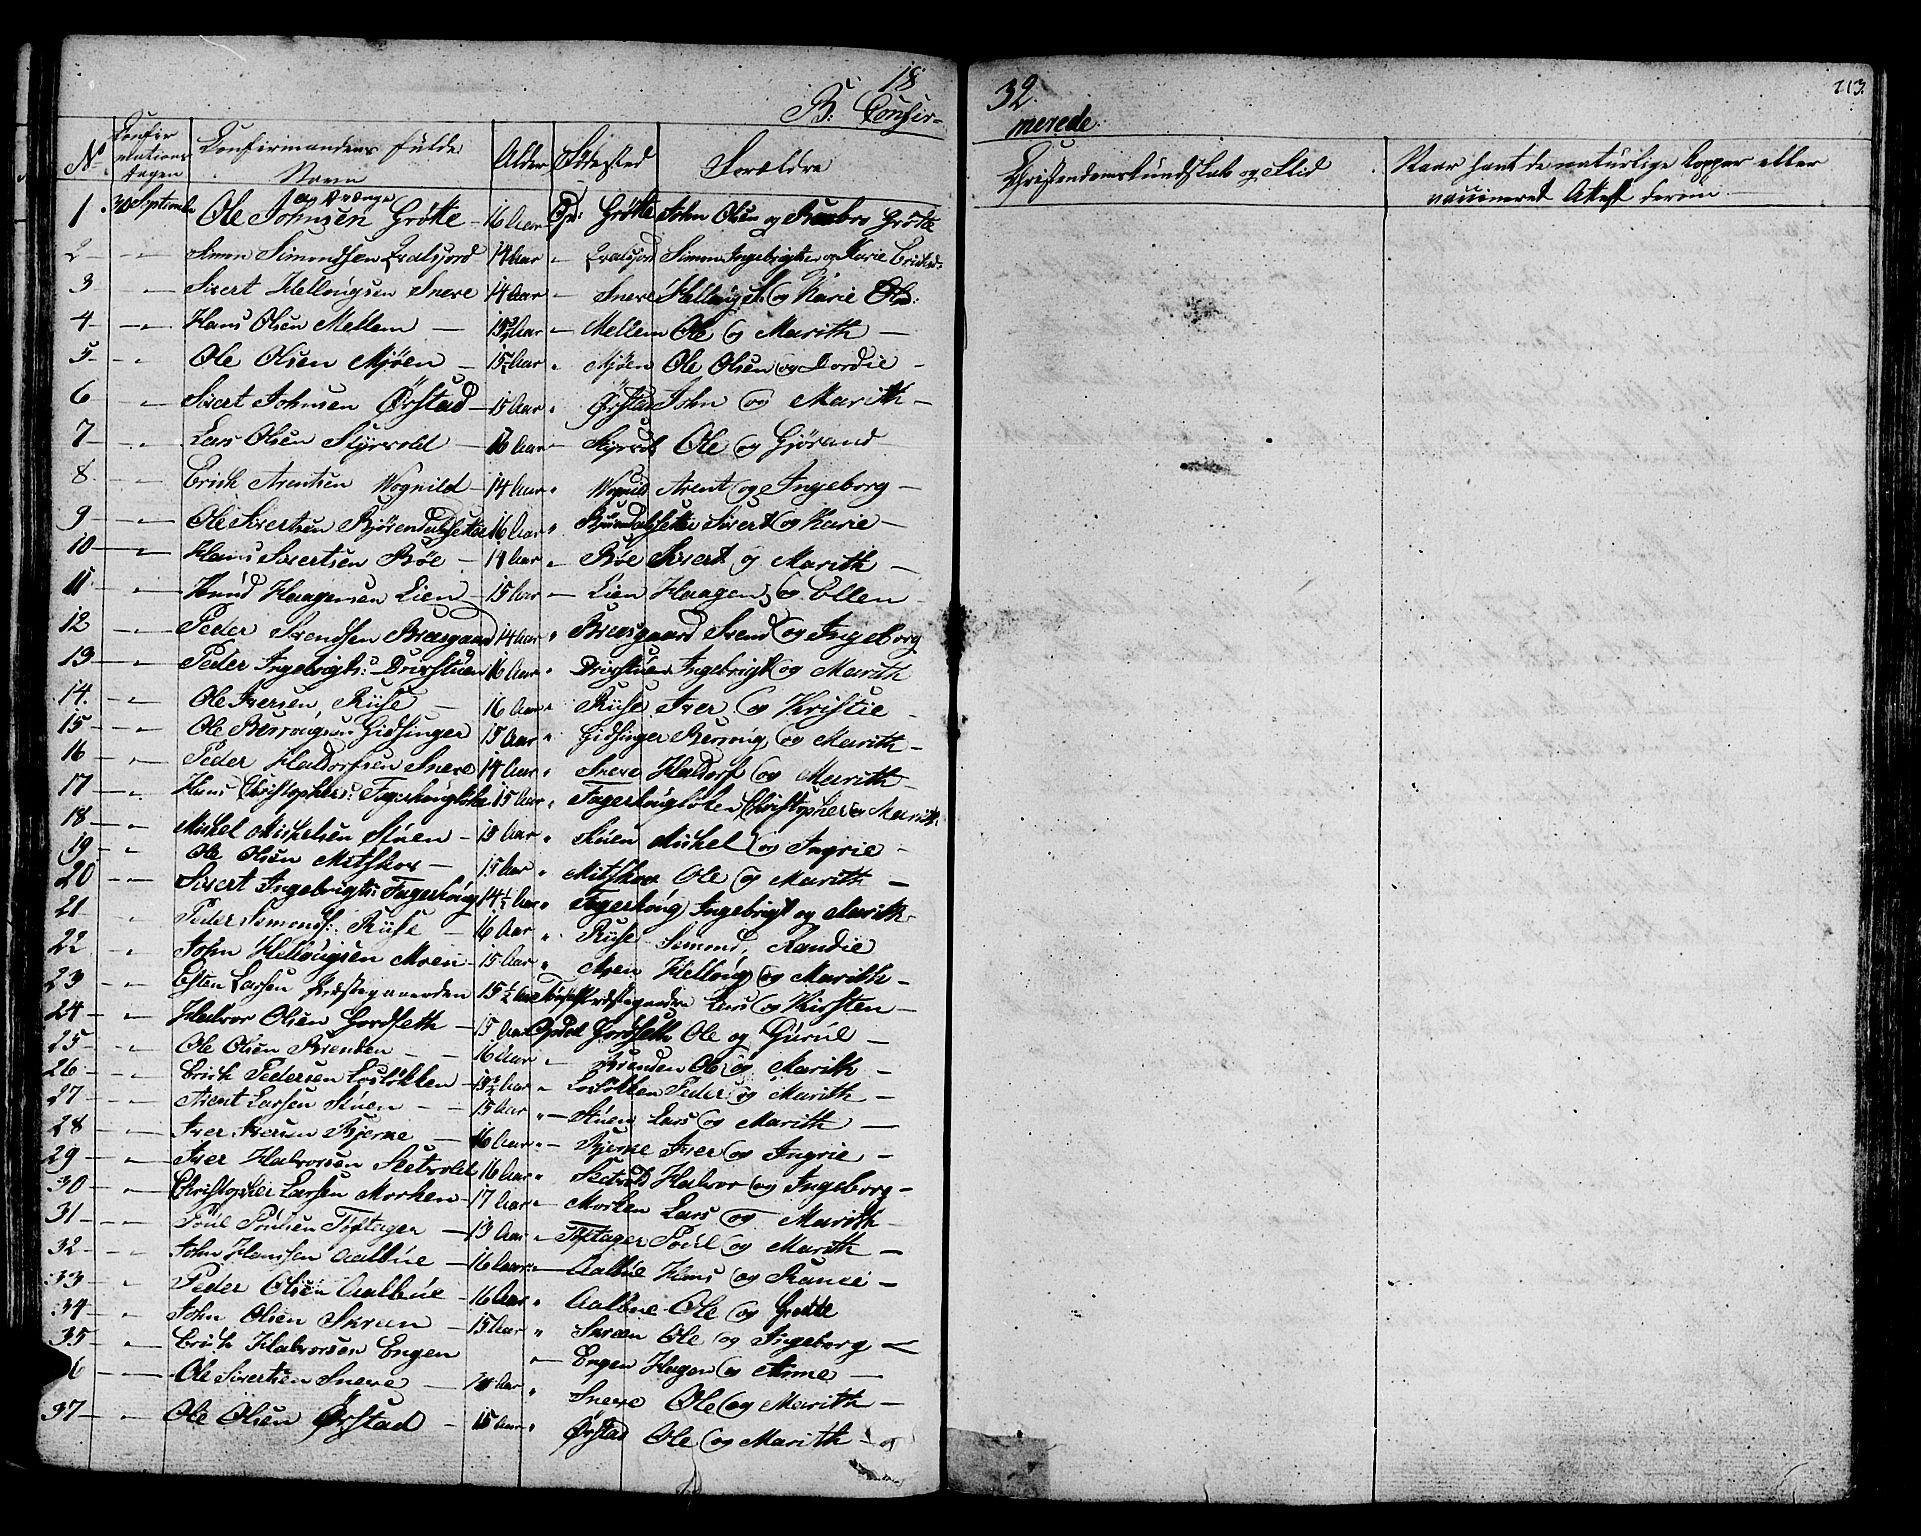 SAT, Ministerialprotokoller, klokkerbøker og fødselsregistre - Sør-Trøndelag, 678/L0897: Ministerialbok nr. 678A06-07, 1821-1847, s. 213